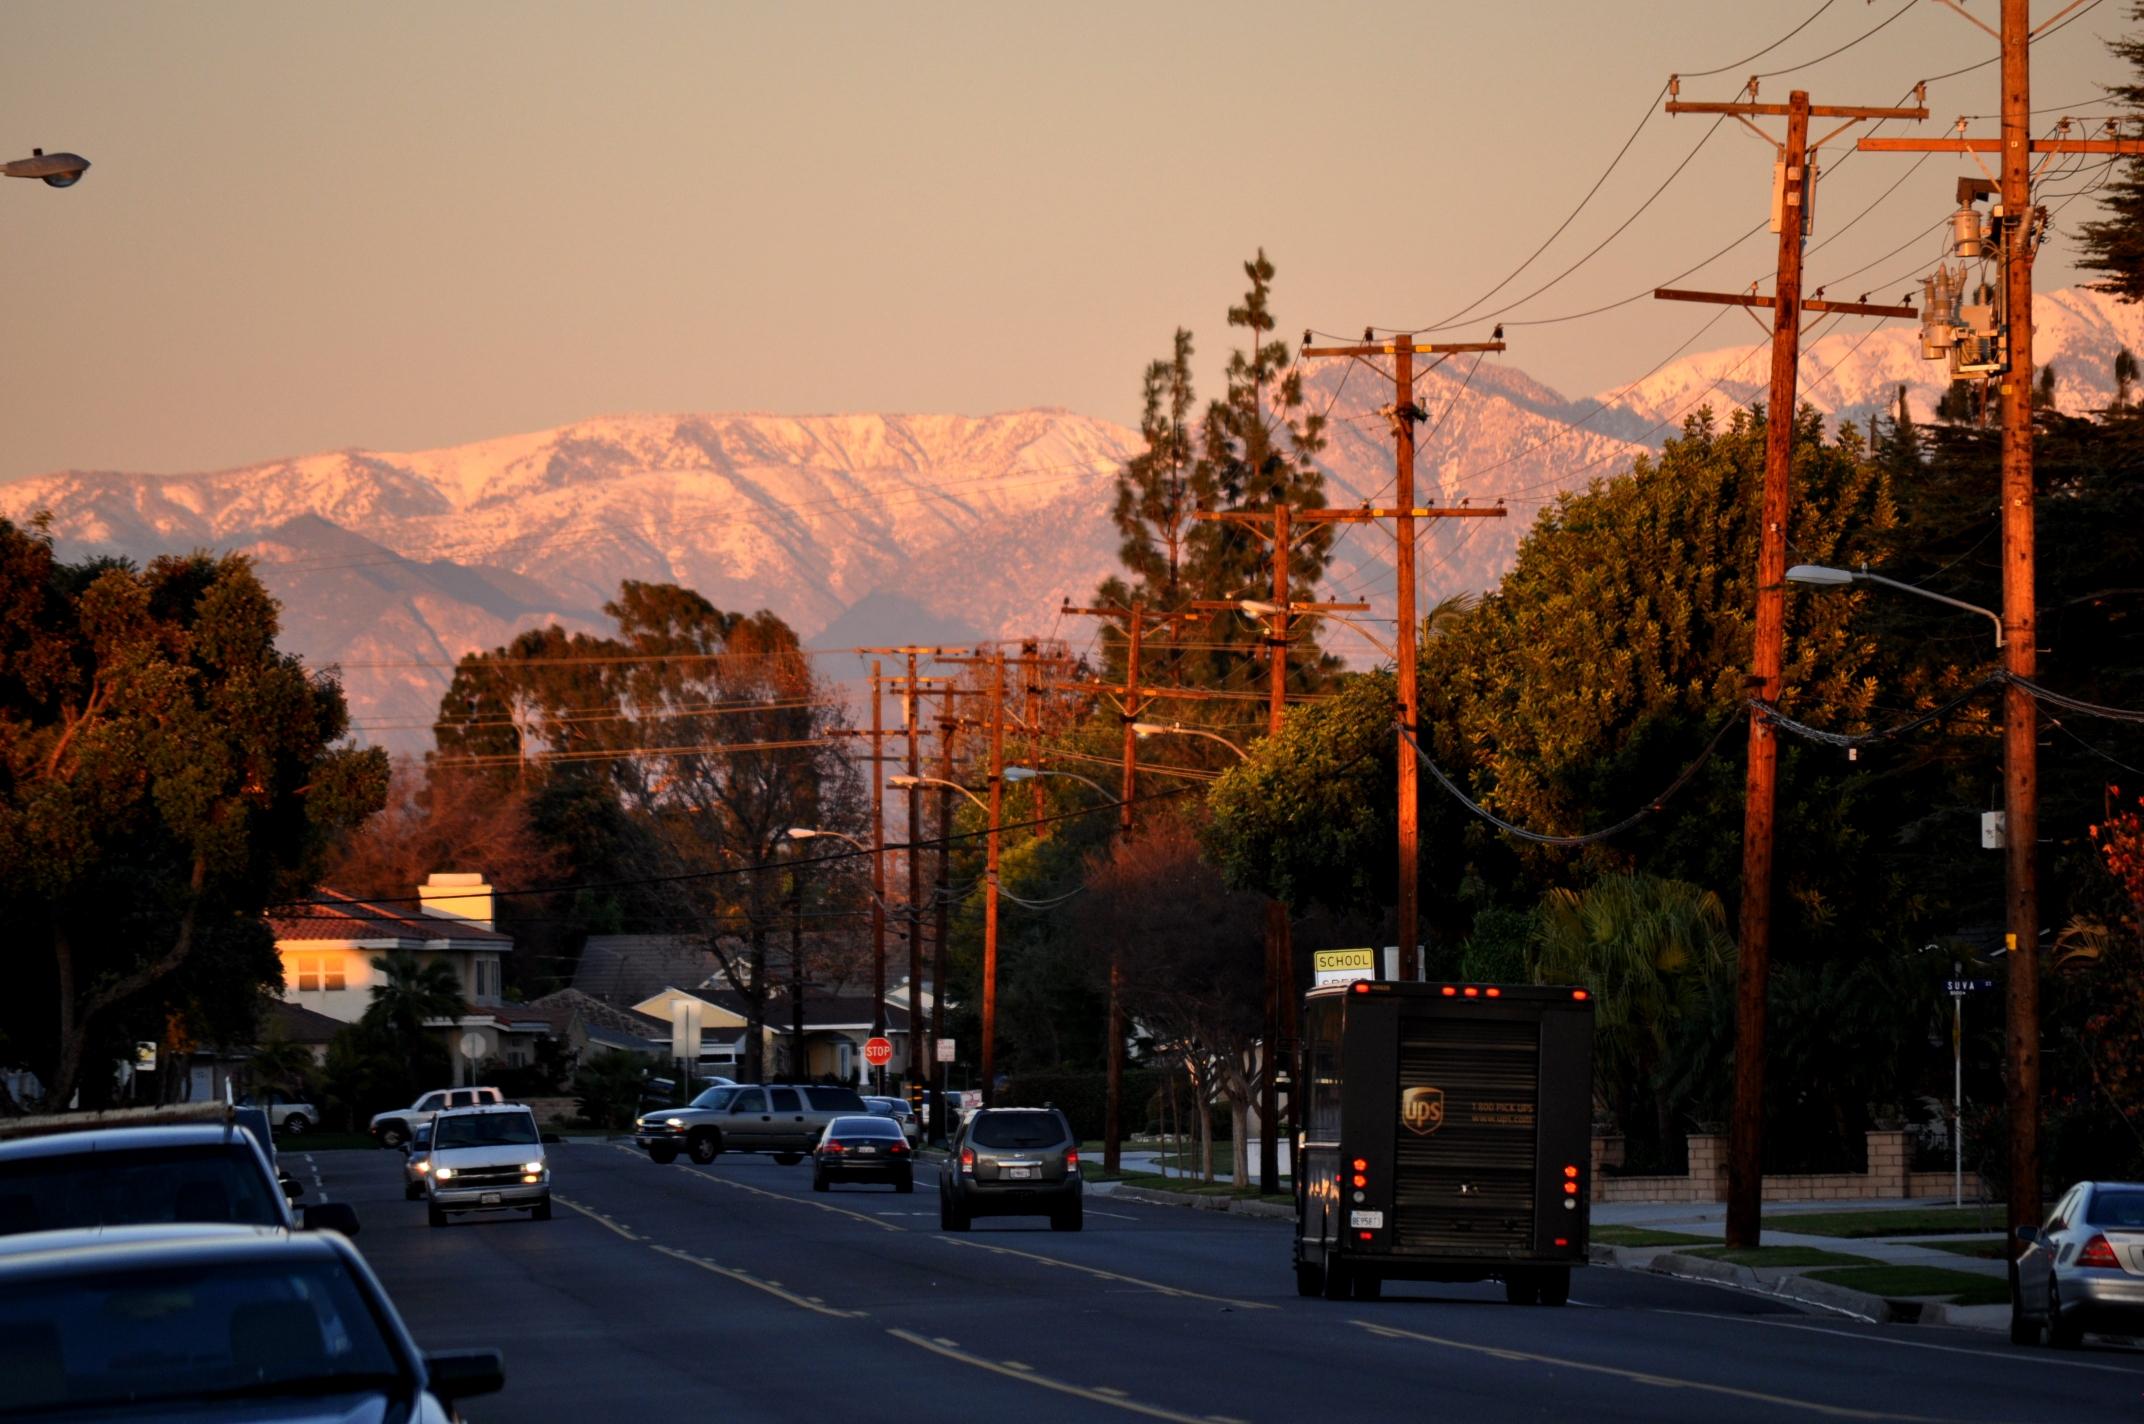 San Gabriel Mountains >> Warm Sunset overlooking San Gabriel Mountains from Brookshire Avenue-Downey, California | euzicasa